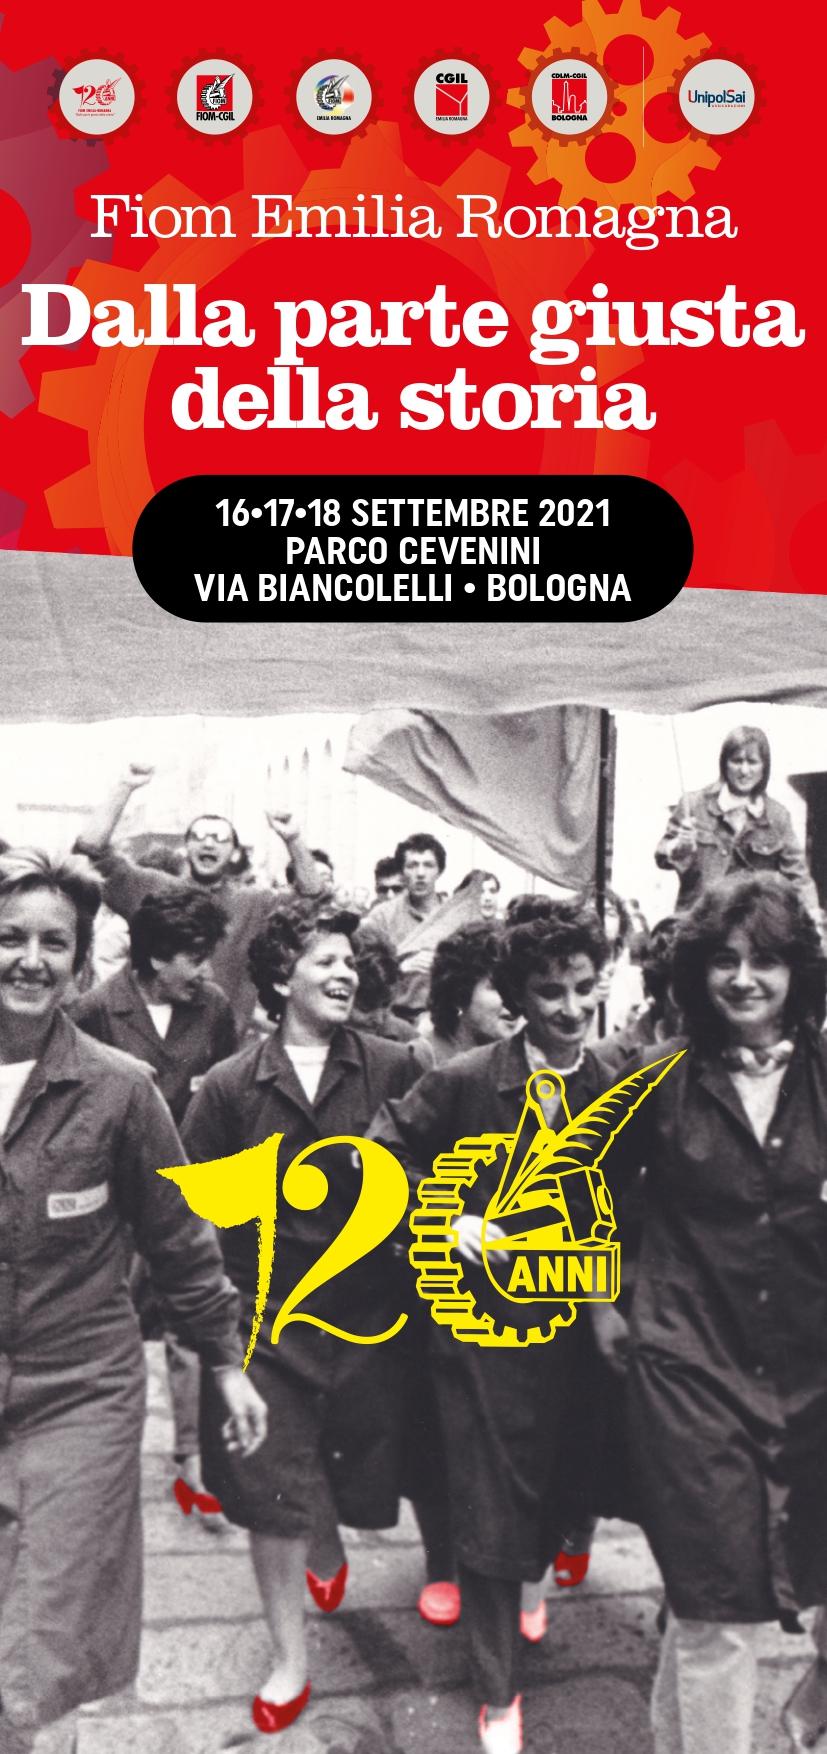 La FIOM festeggia a Bologna  il16-17-18 settembre la festa dei suoi 120 anni